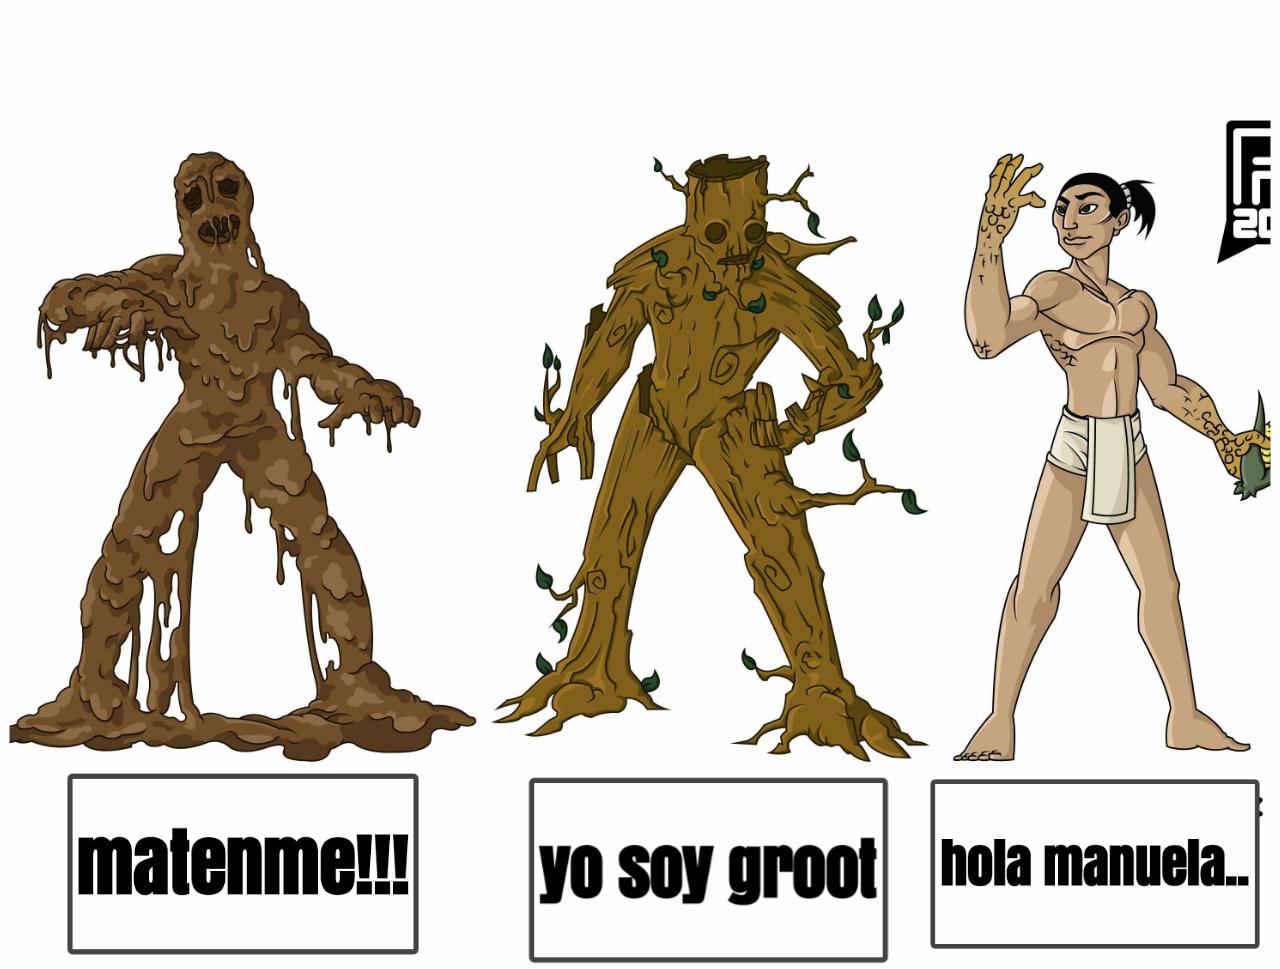 Tipos de seres vivos - meme